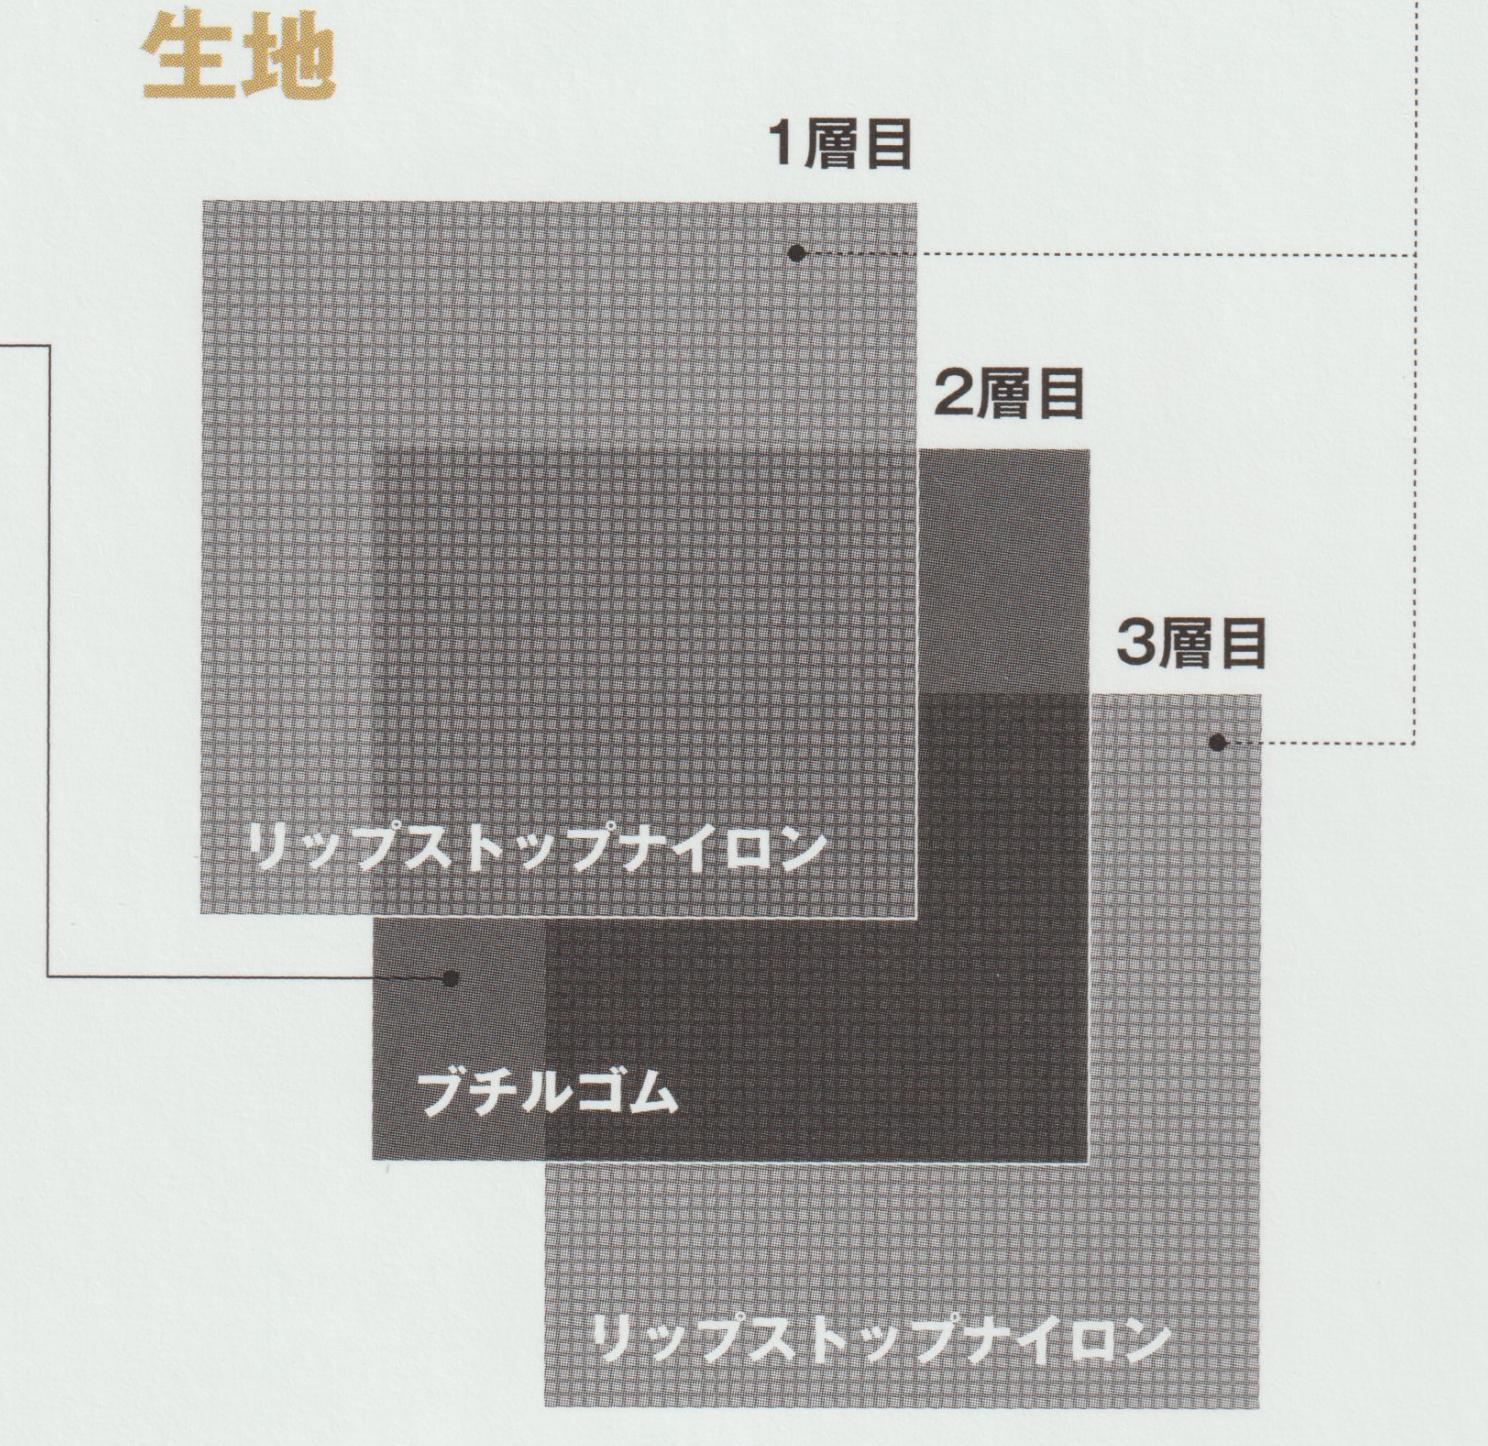 t4シェルプライム 生地3層構造